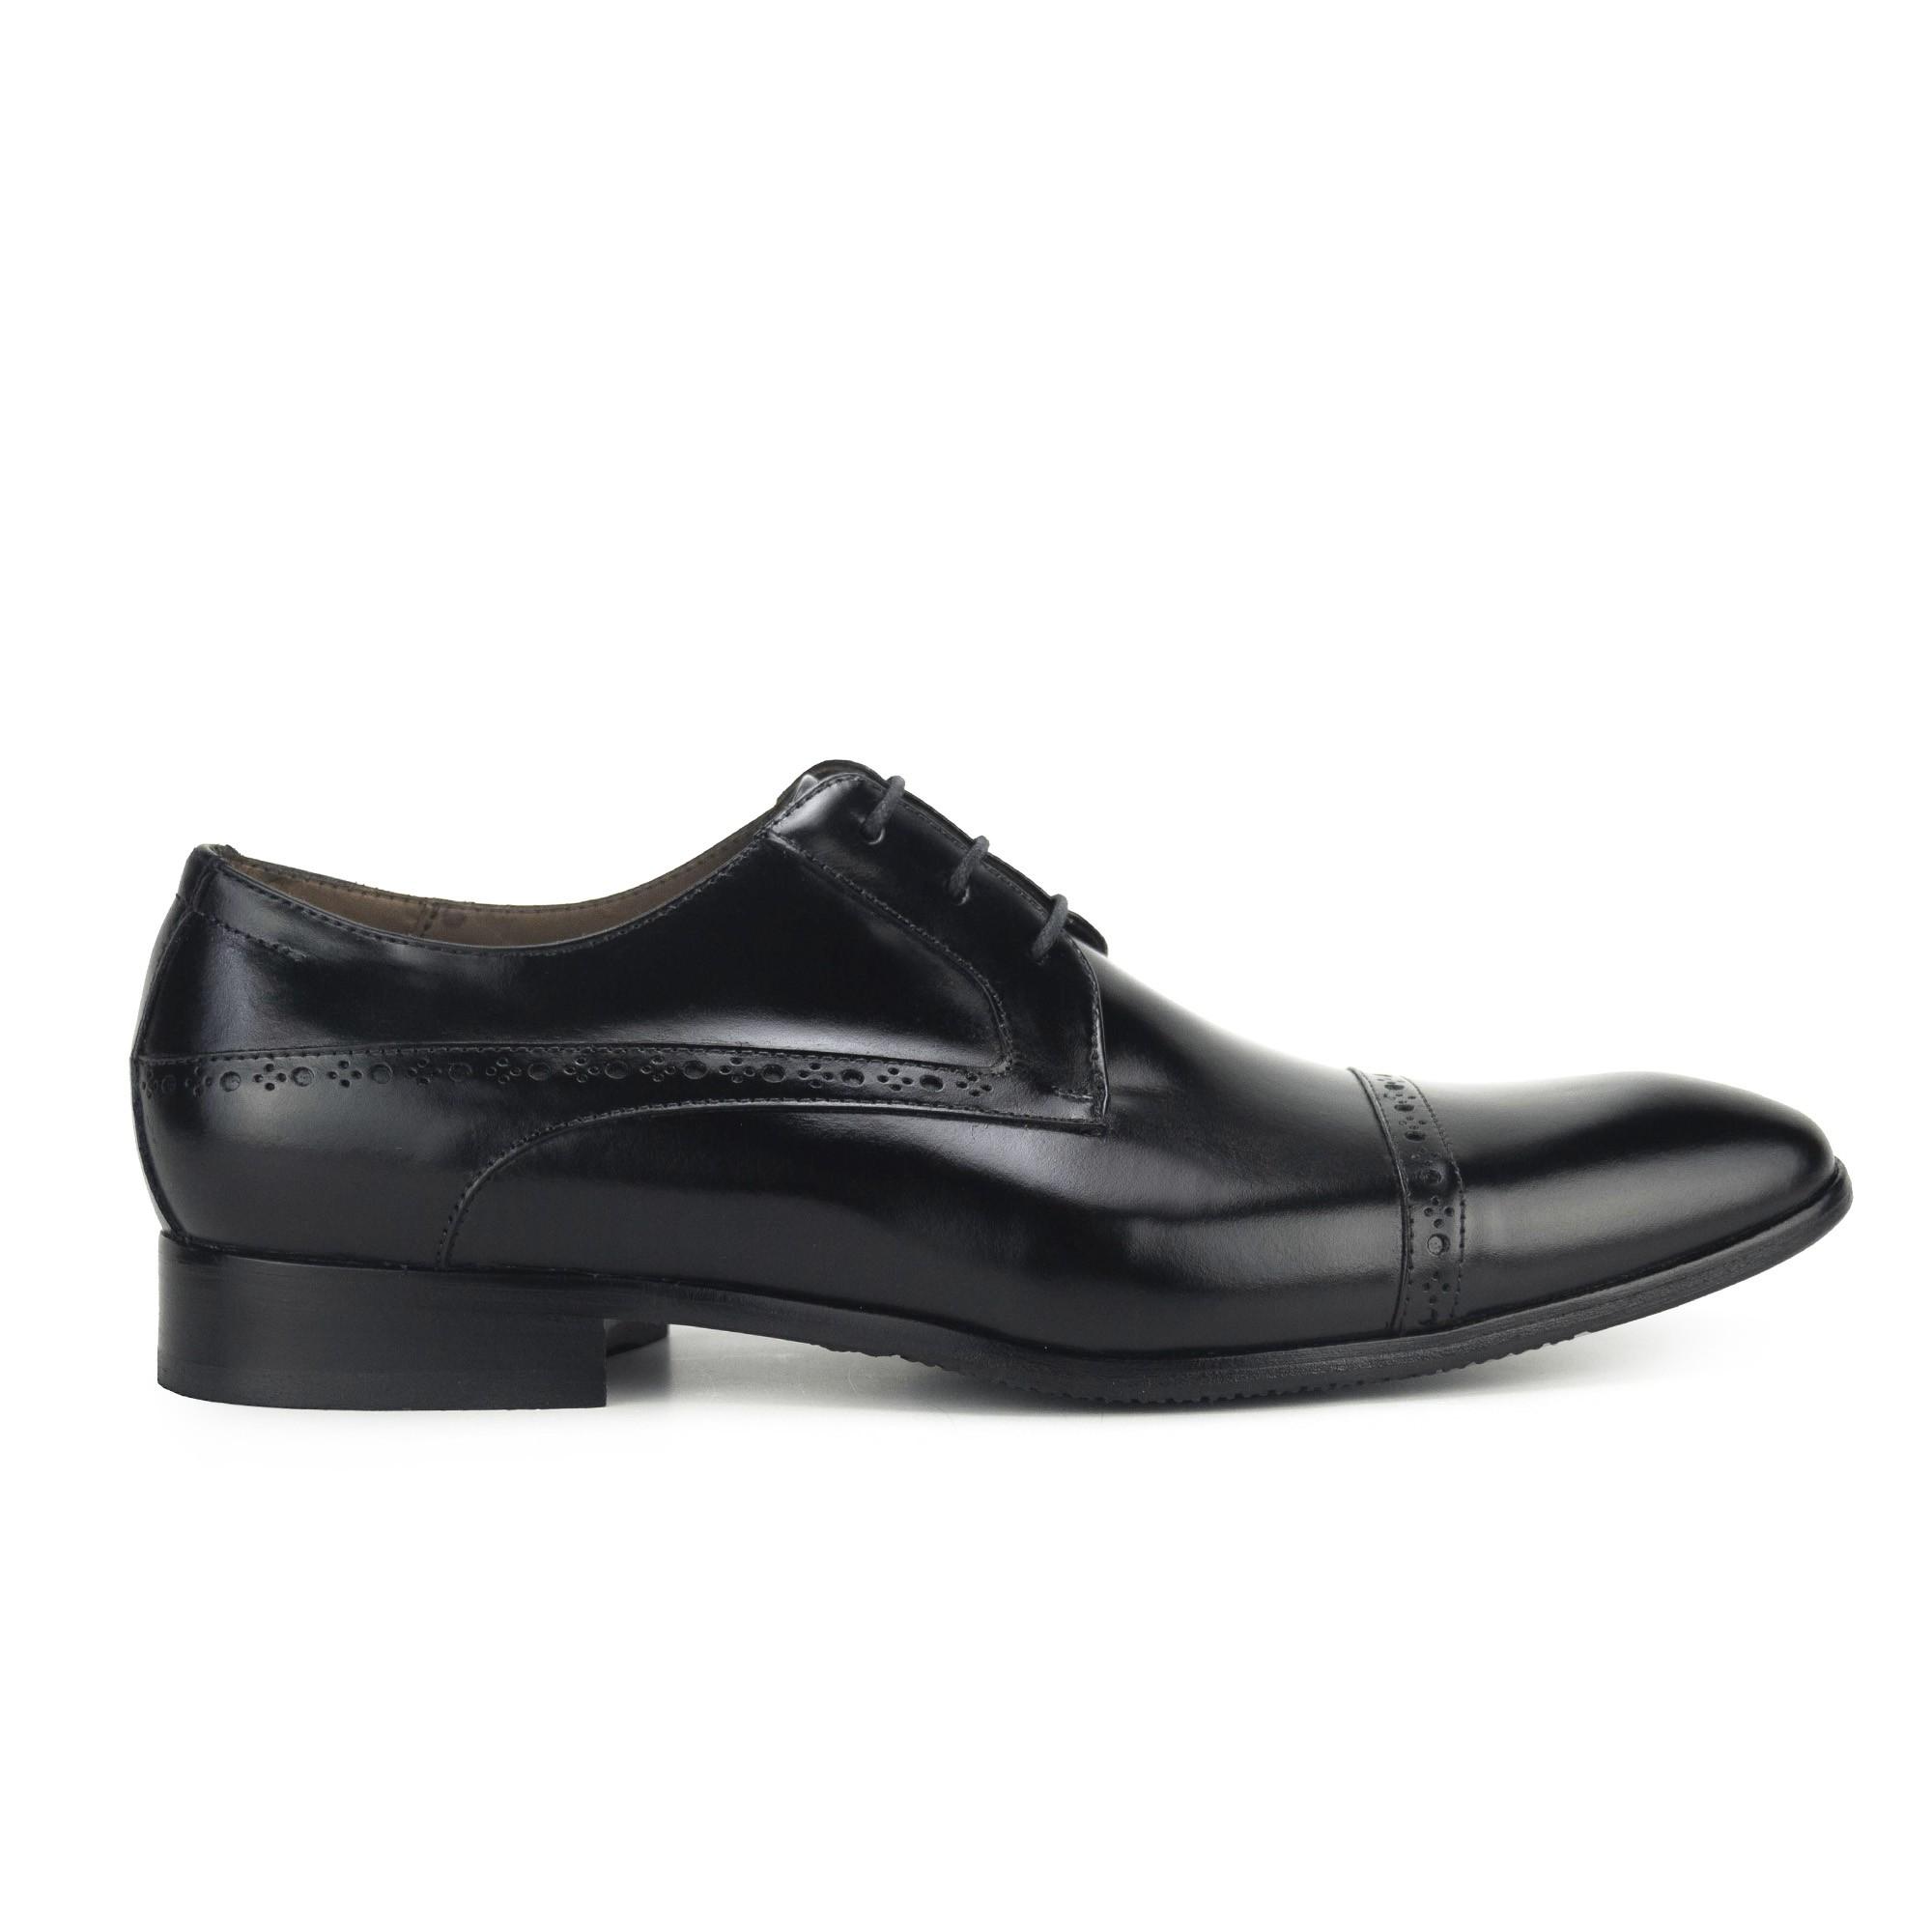 Sapato Derby Masculino Preto Monbran Dressy